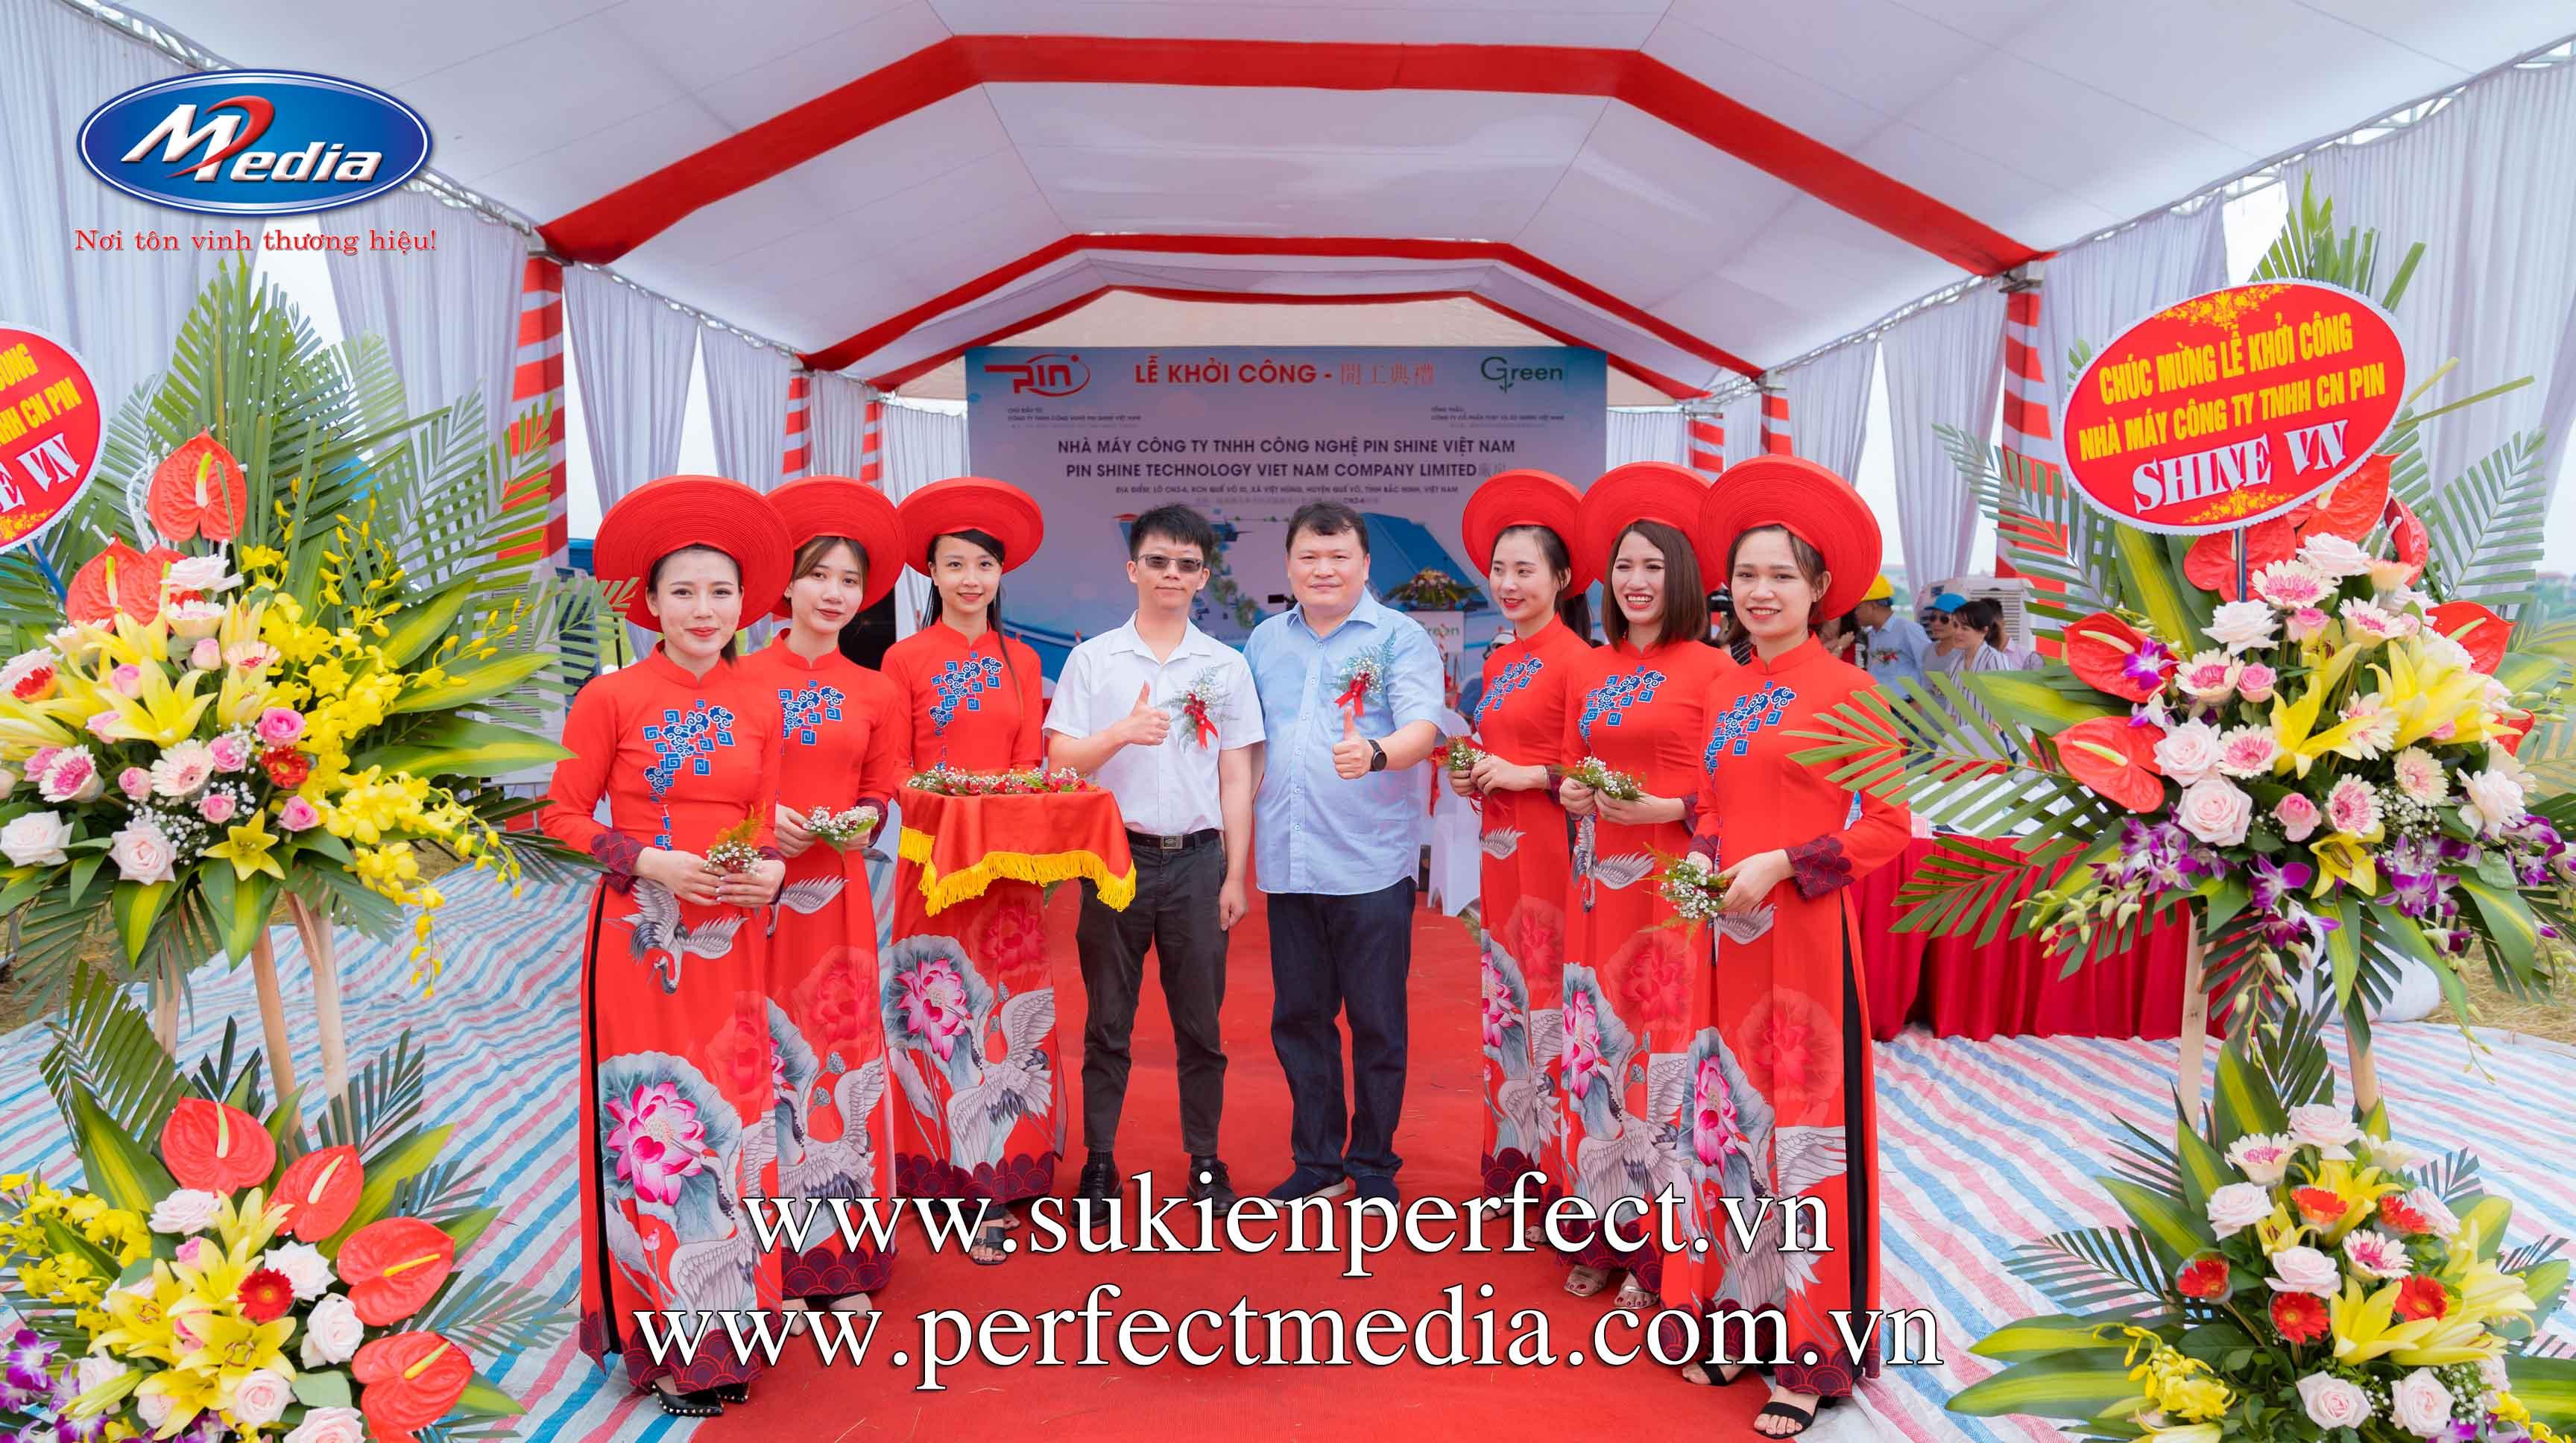 Quy trình tổ chức lễ khởi công, động thổ chuyên nghiệp tại Thái Bình